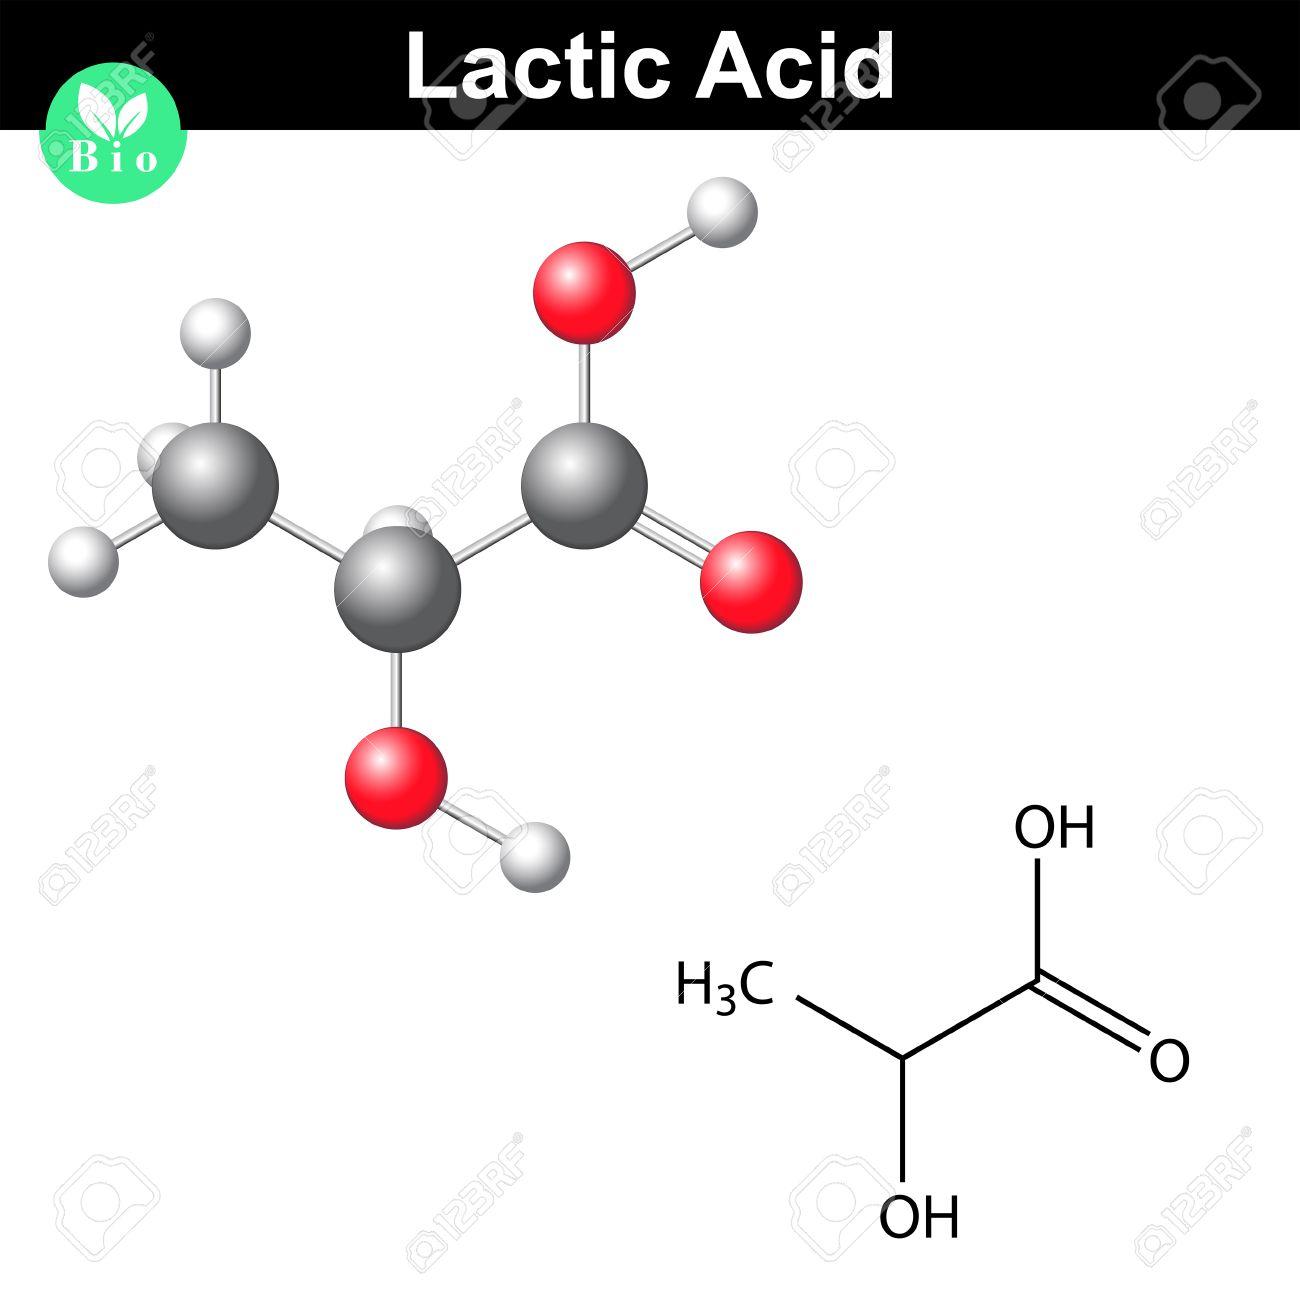 Molécula De ácido Láctico, Lactato, Fórmula Química Estructural Y ...